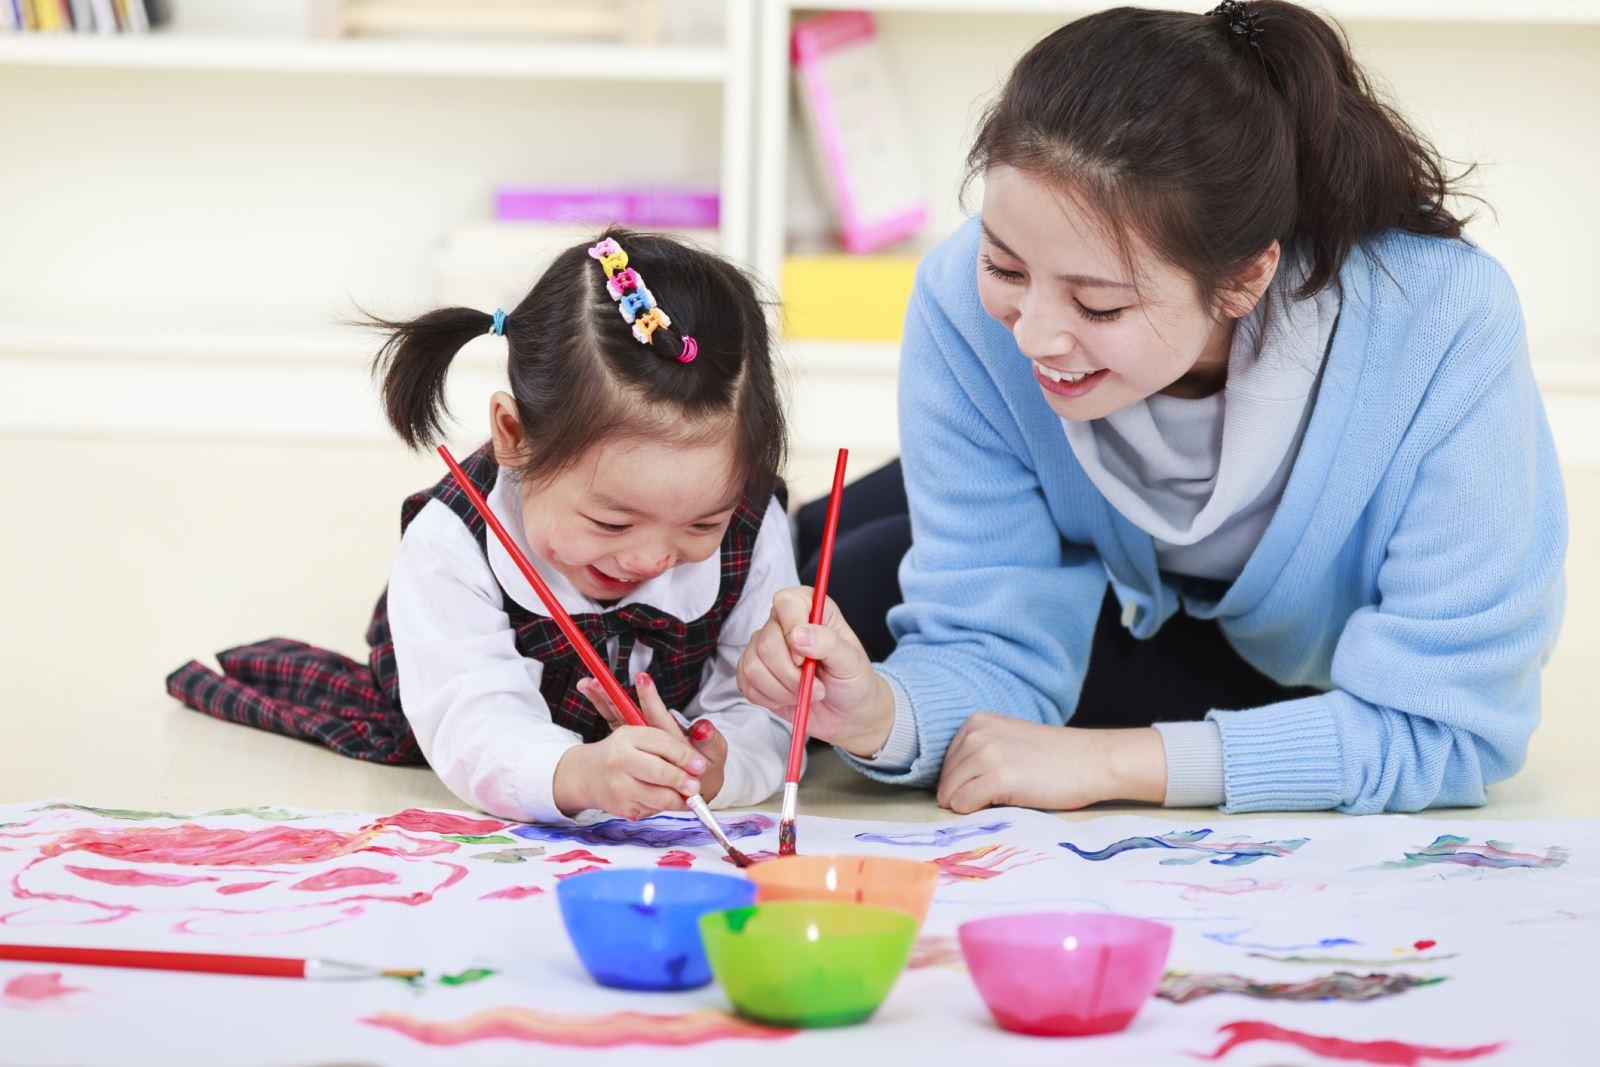 Có thể cho trẻ tham gia các hoạt động phát triển năng khiếu trong mùa hè